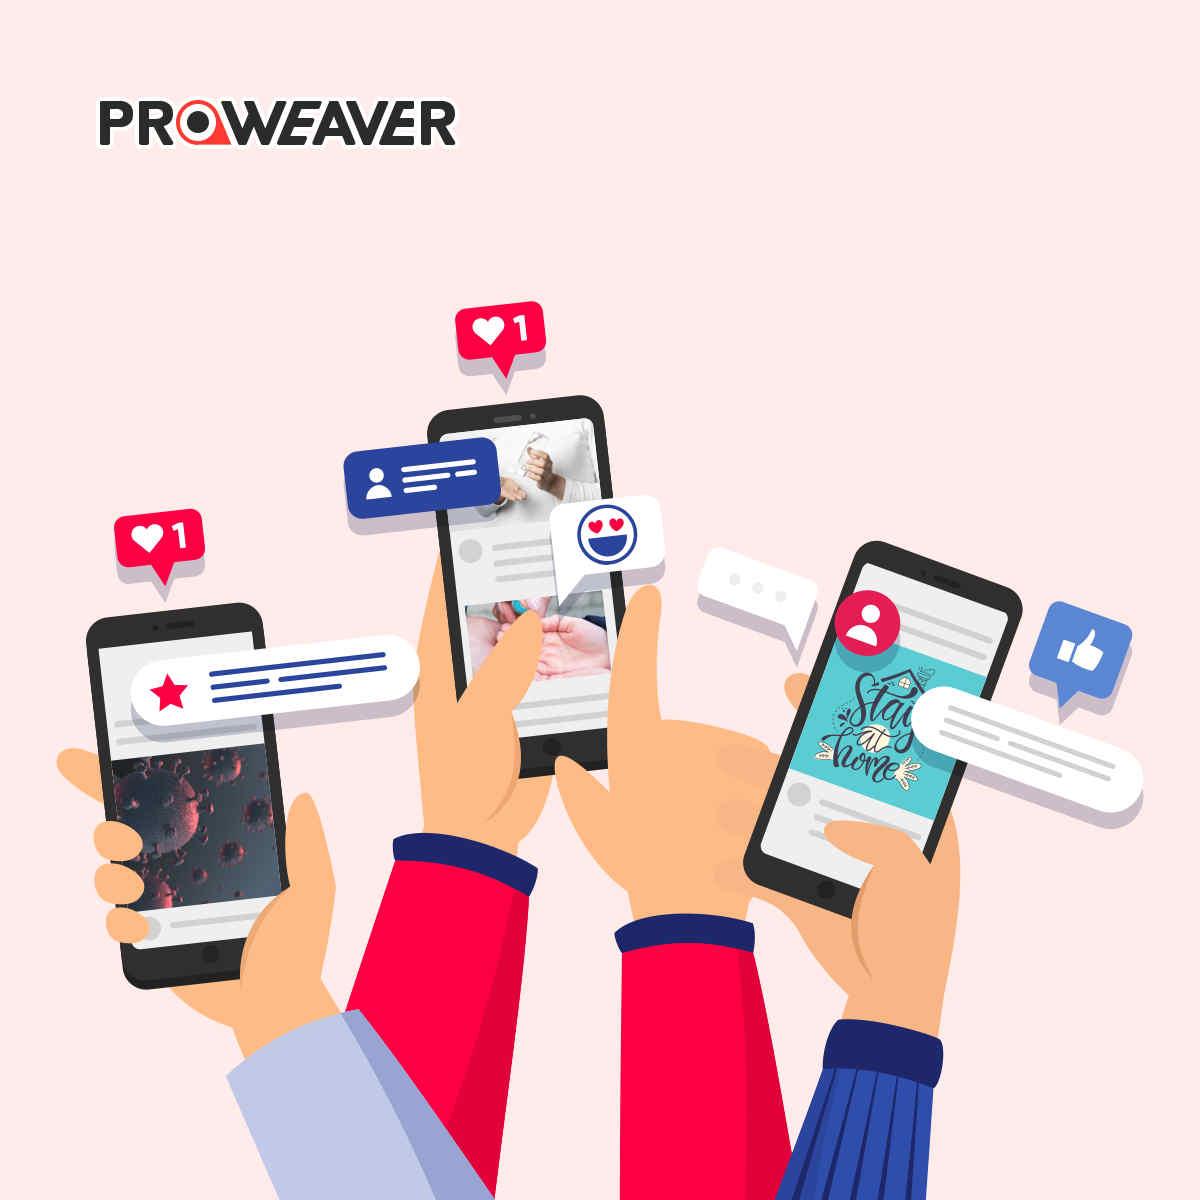 covid-19-on-social-media-updates